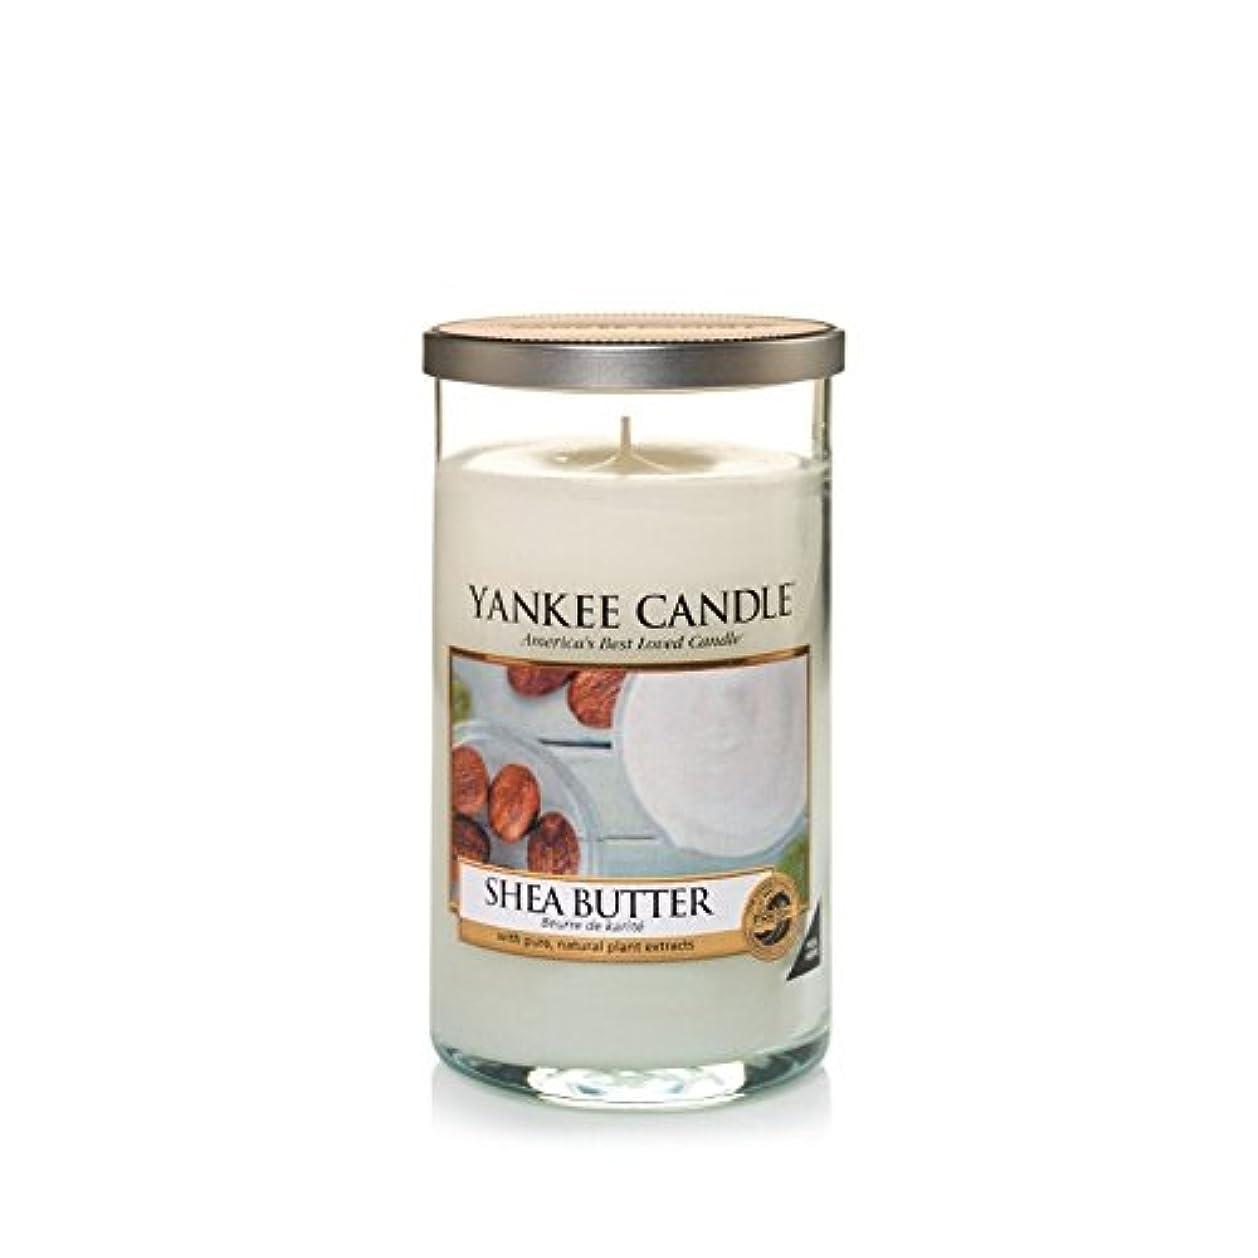 郡あいまいモデレータヤンキーキャンドルメディアピラーキャンドル - シアバター - Yankee Candles Medium Pillar Candle - Shea Butter (Yankee Candles) [並行輸入品]